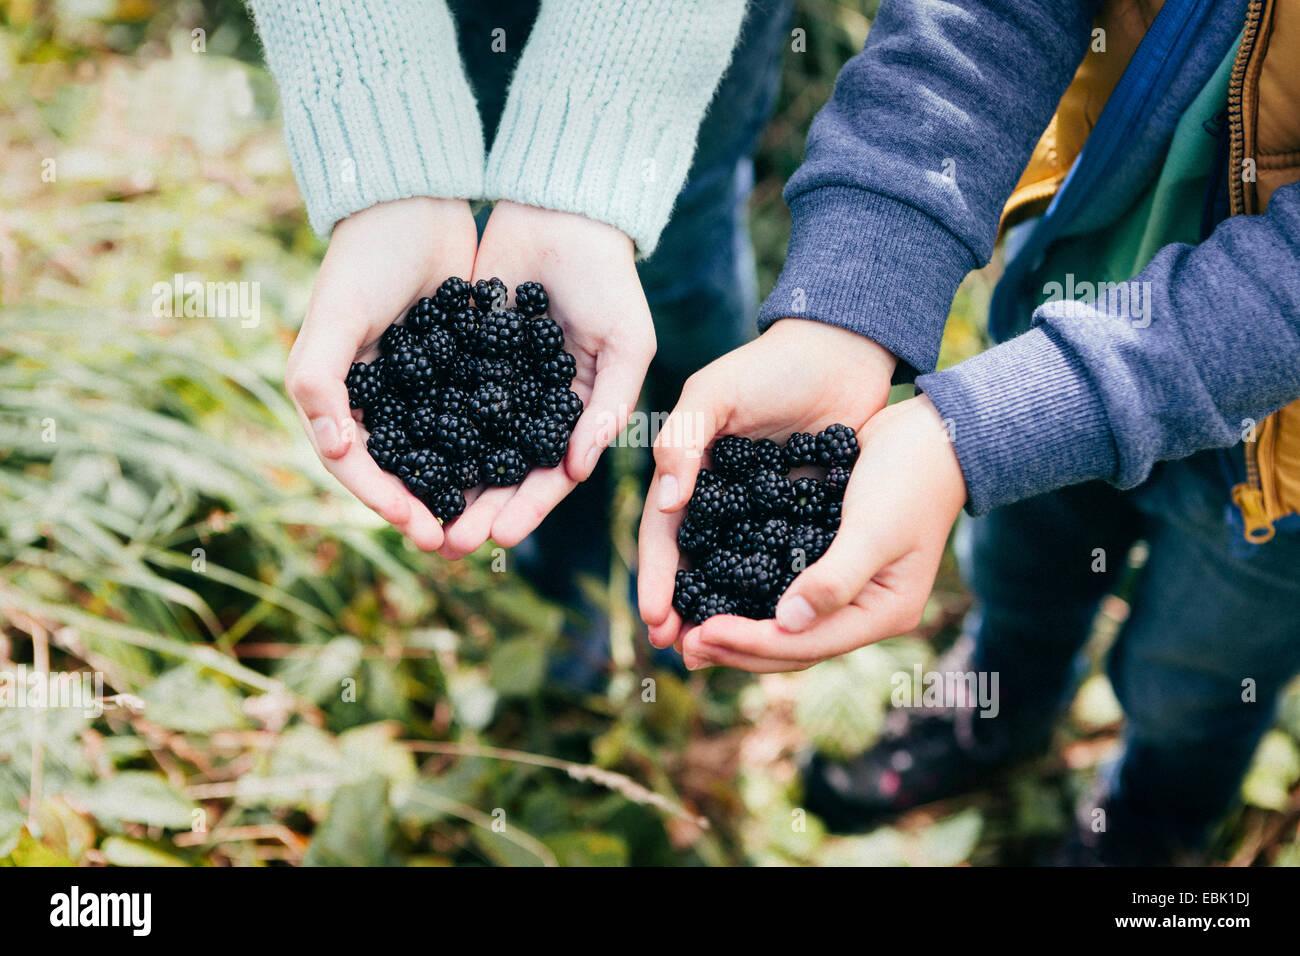 Dos personas sosteniendo moras en manos ahuecados Imagen De Stock